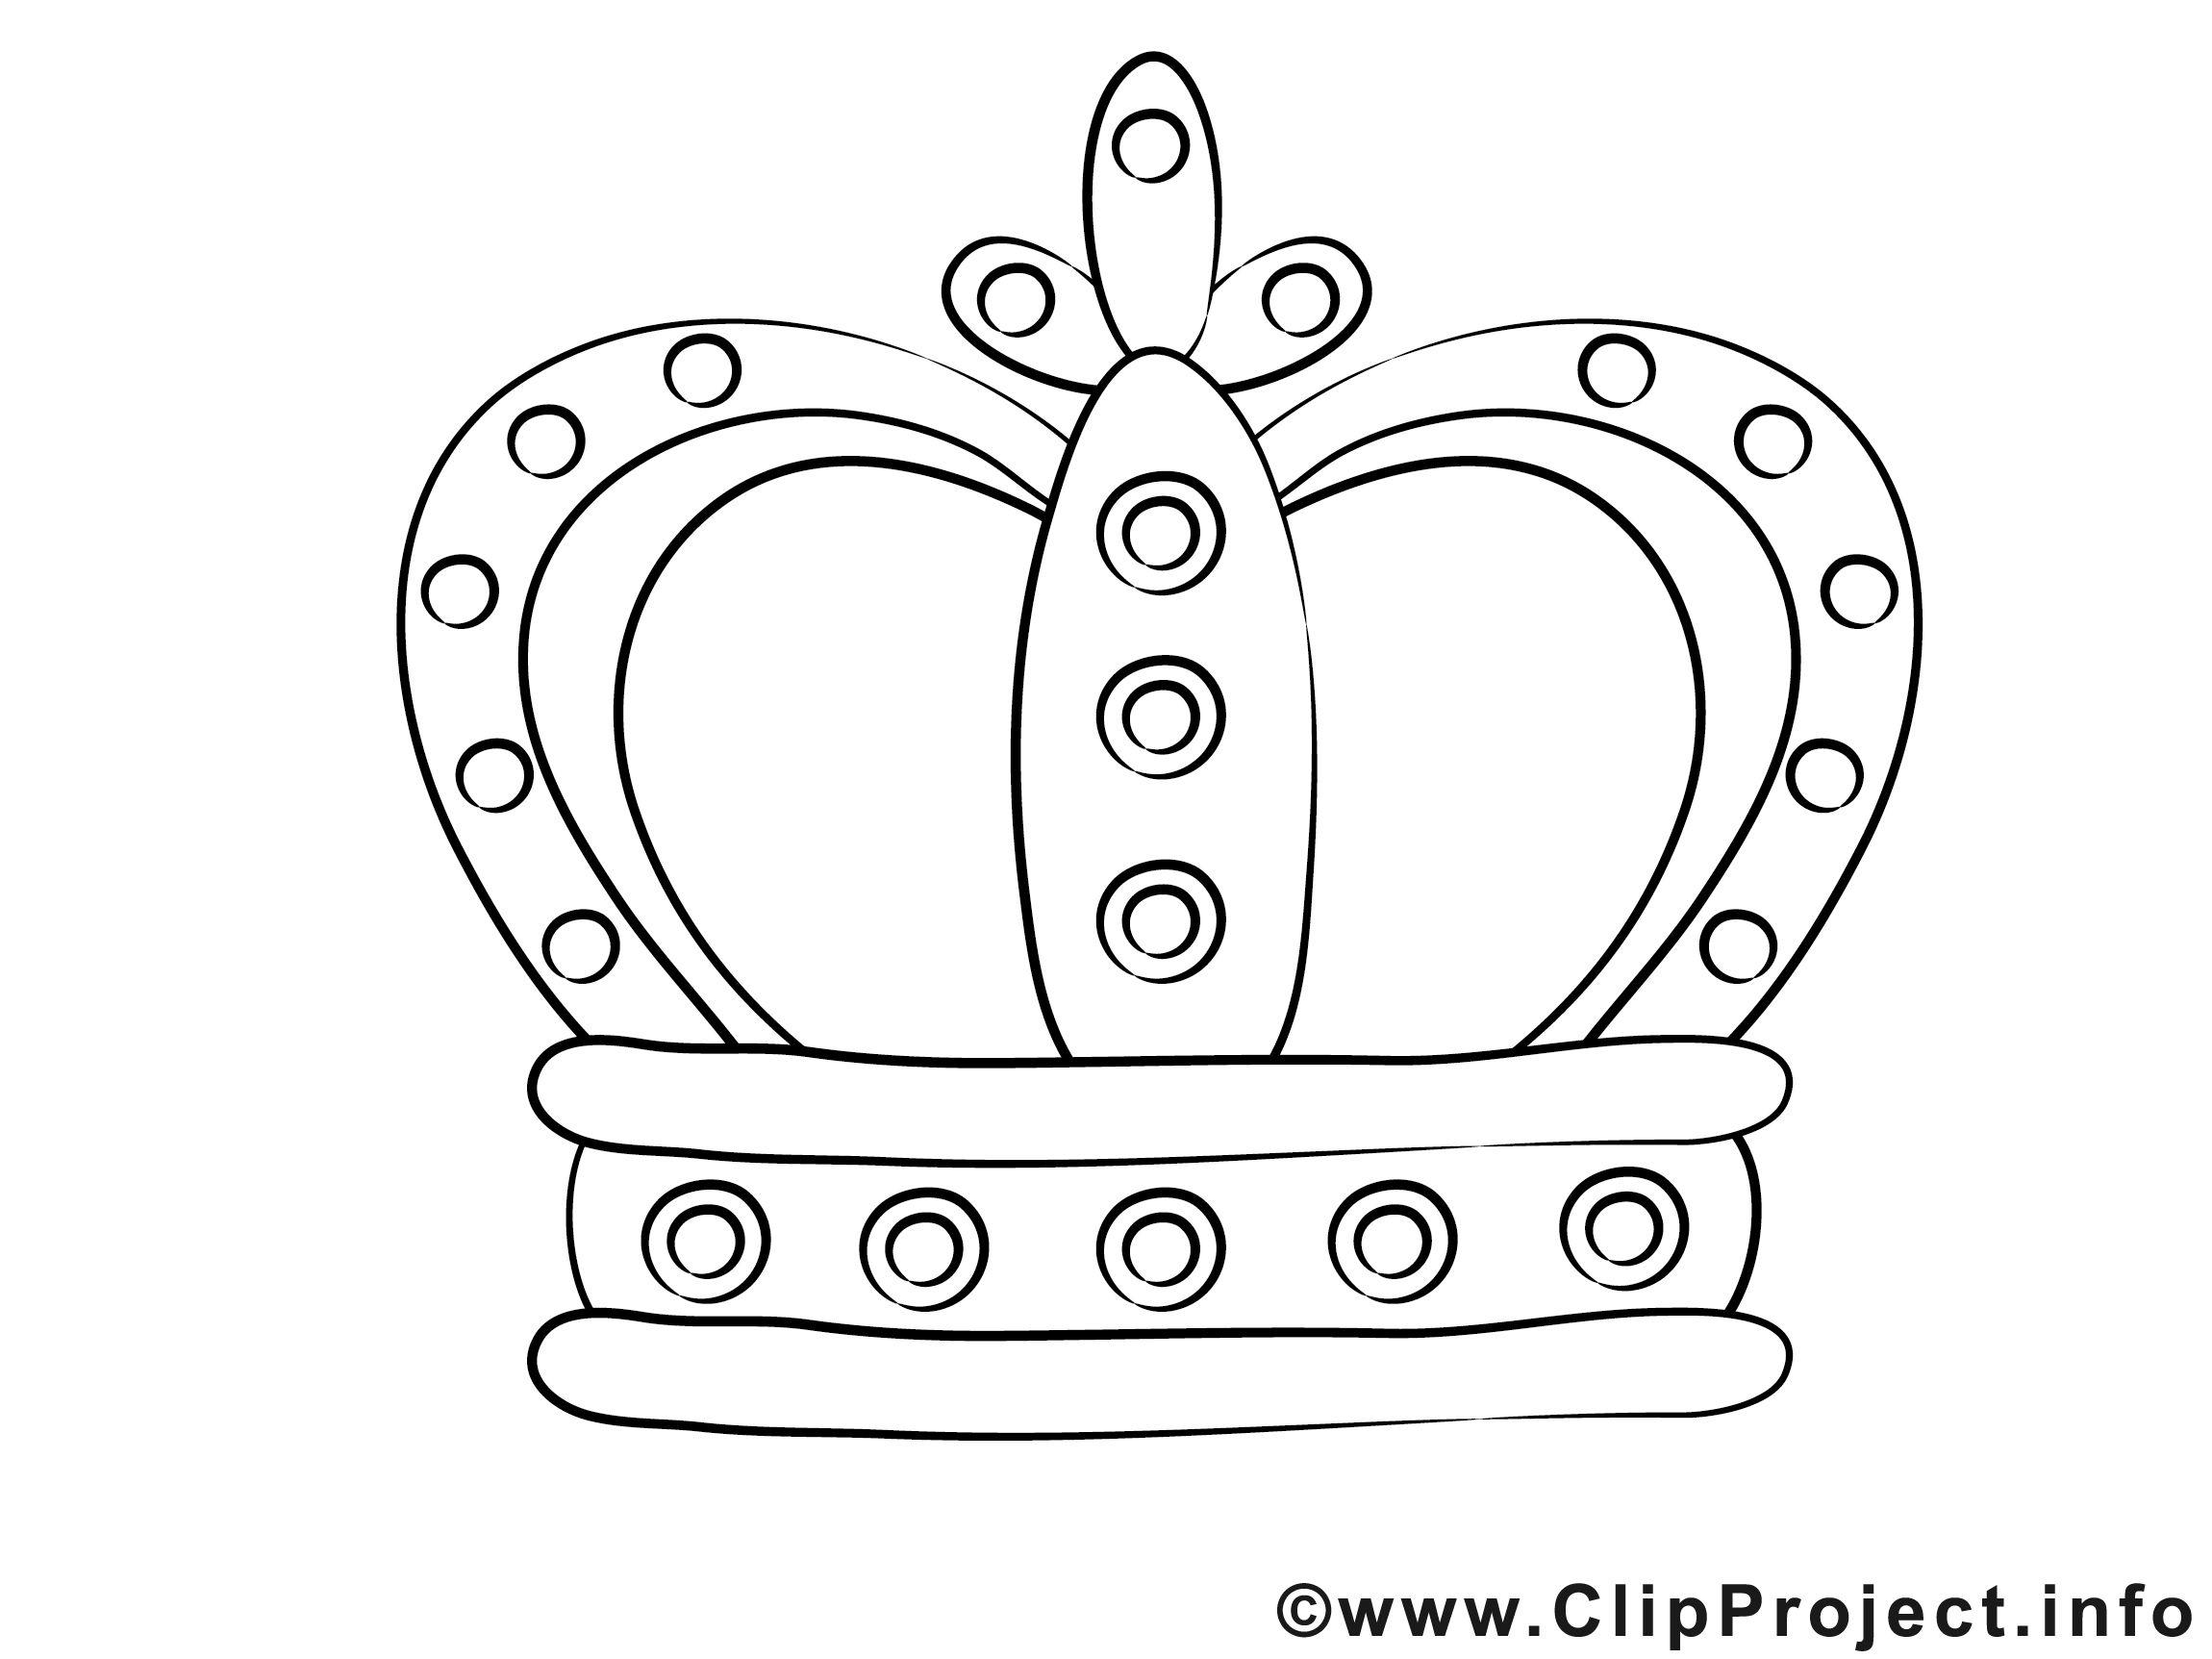 Bildergebnis für krone ausmalbilder kostenlos  Malvorlagen